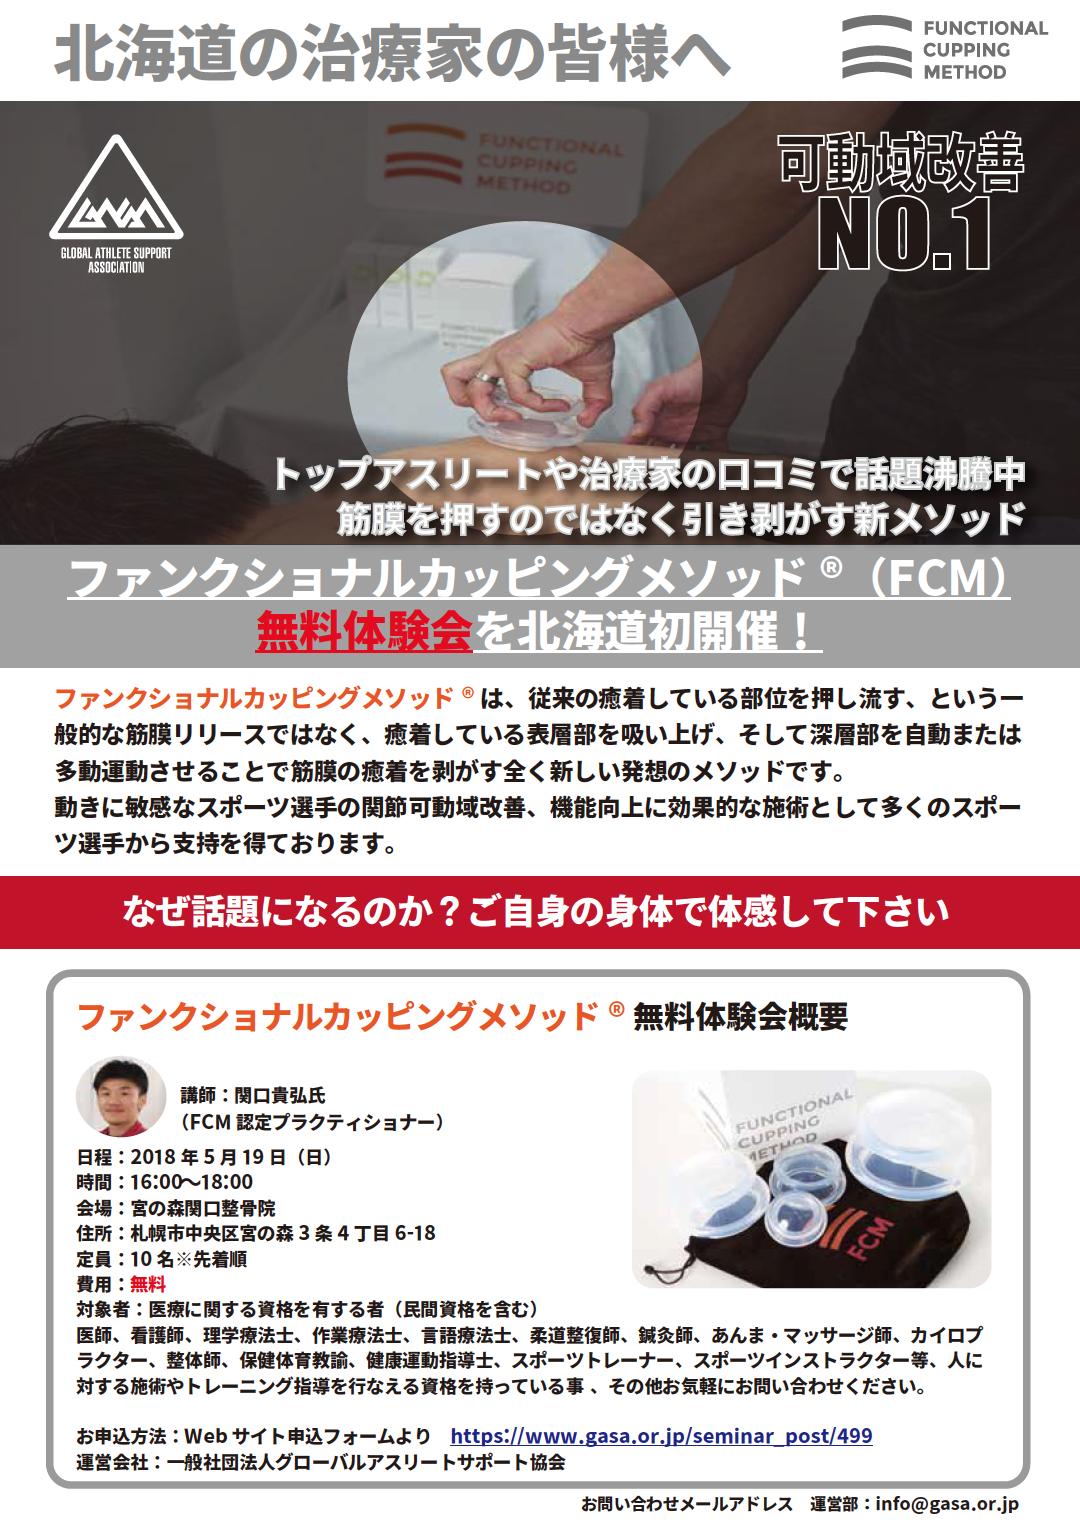 【無料】18/05/19(土)@北海道FCM体験会|セミナー画像グローバルアスリートサポート協会 [GASA]